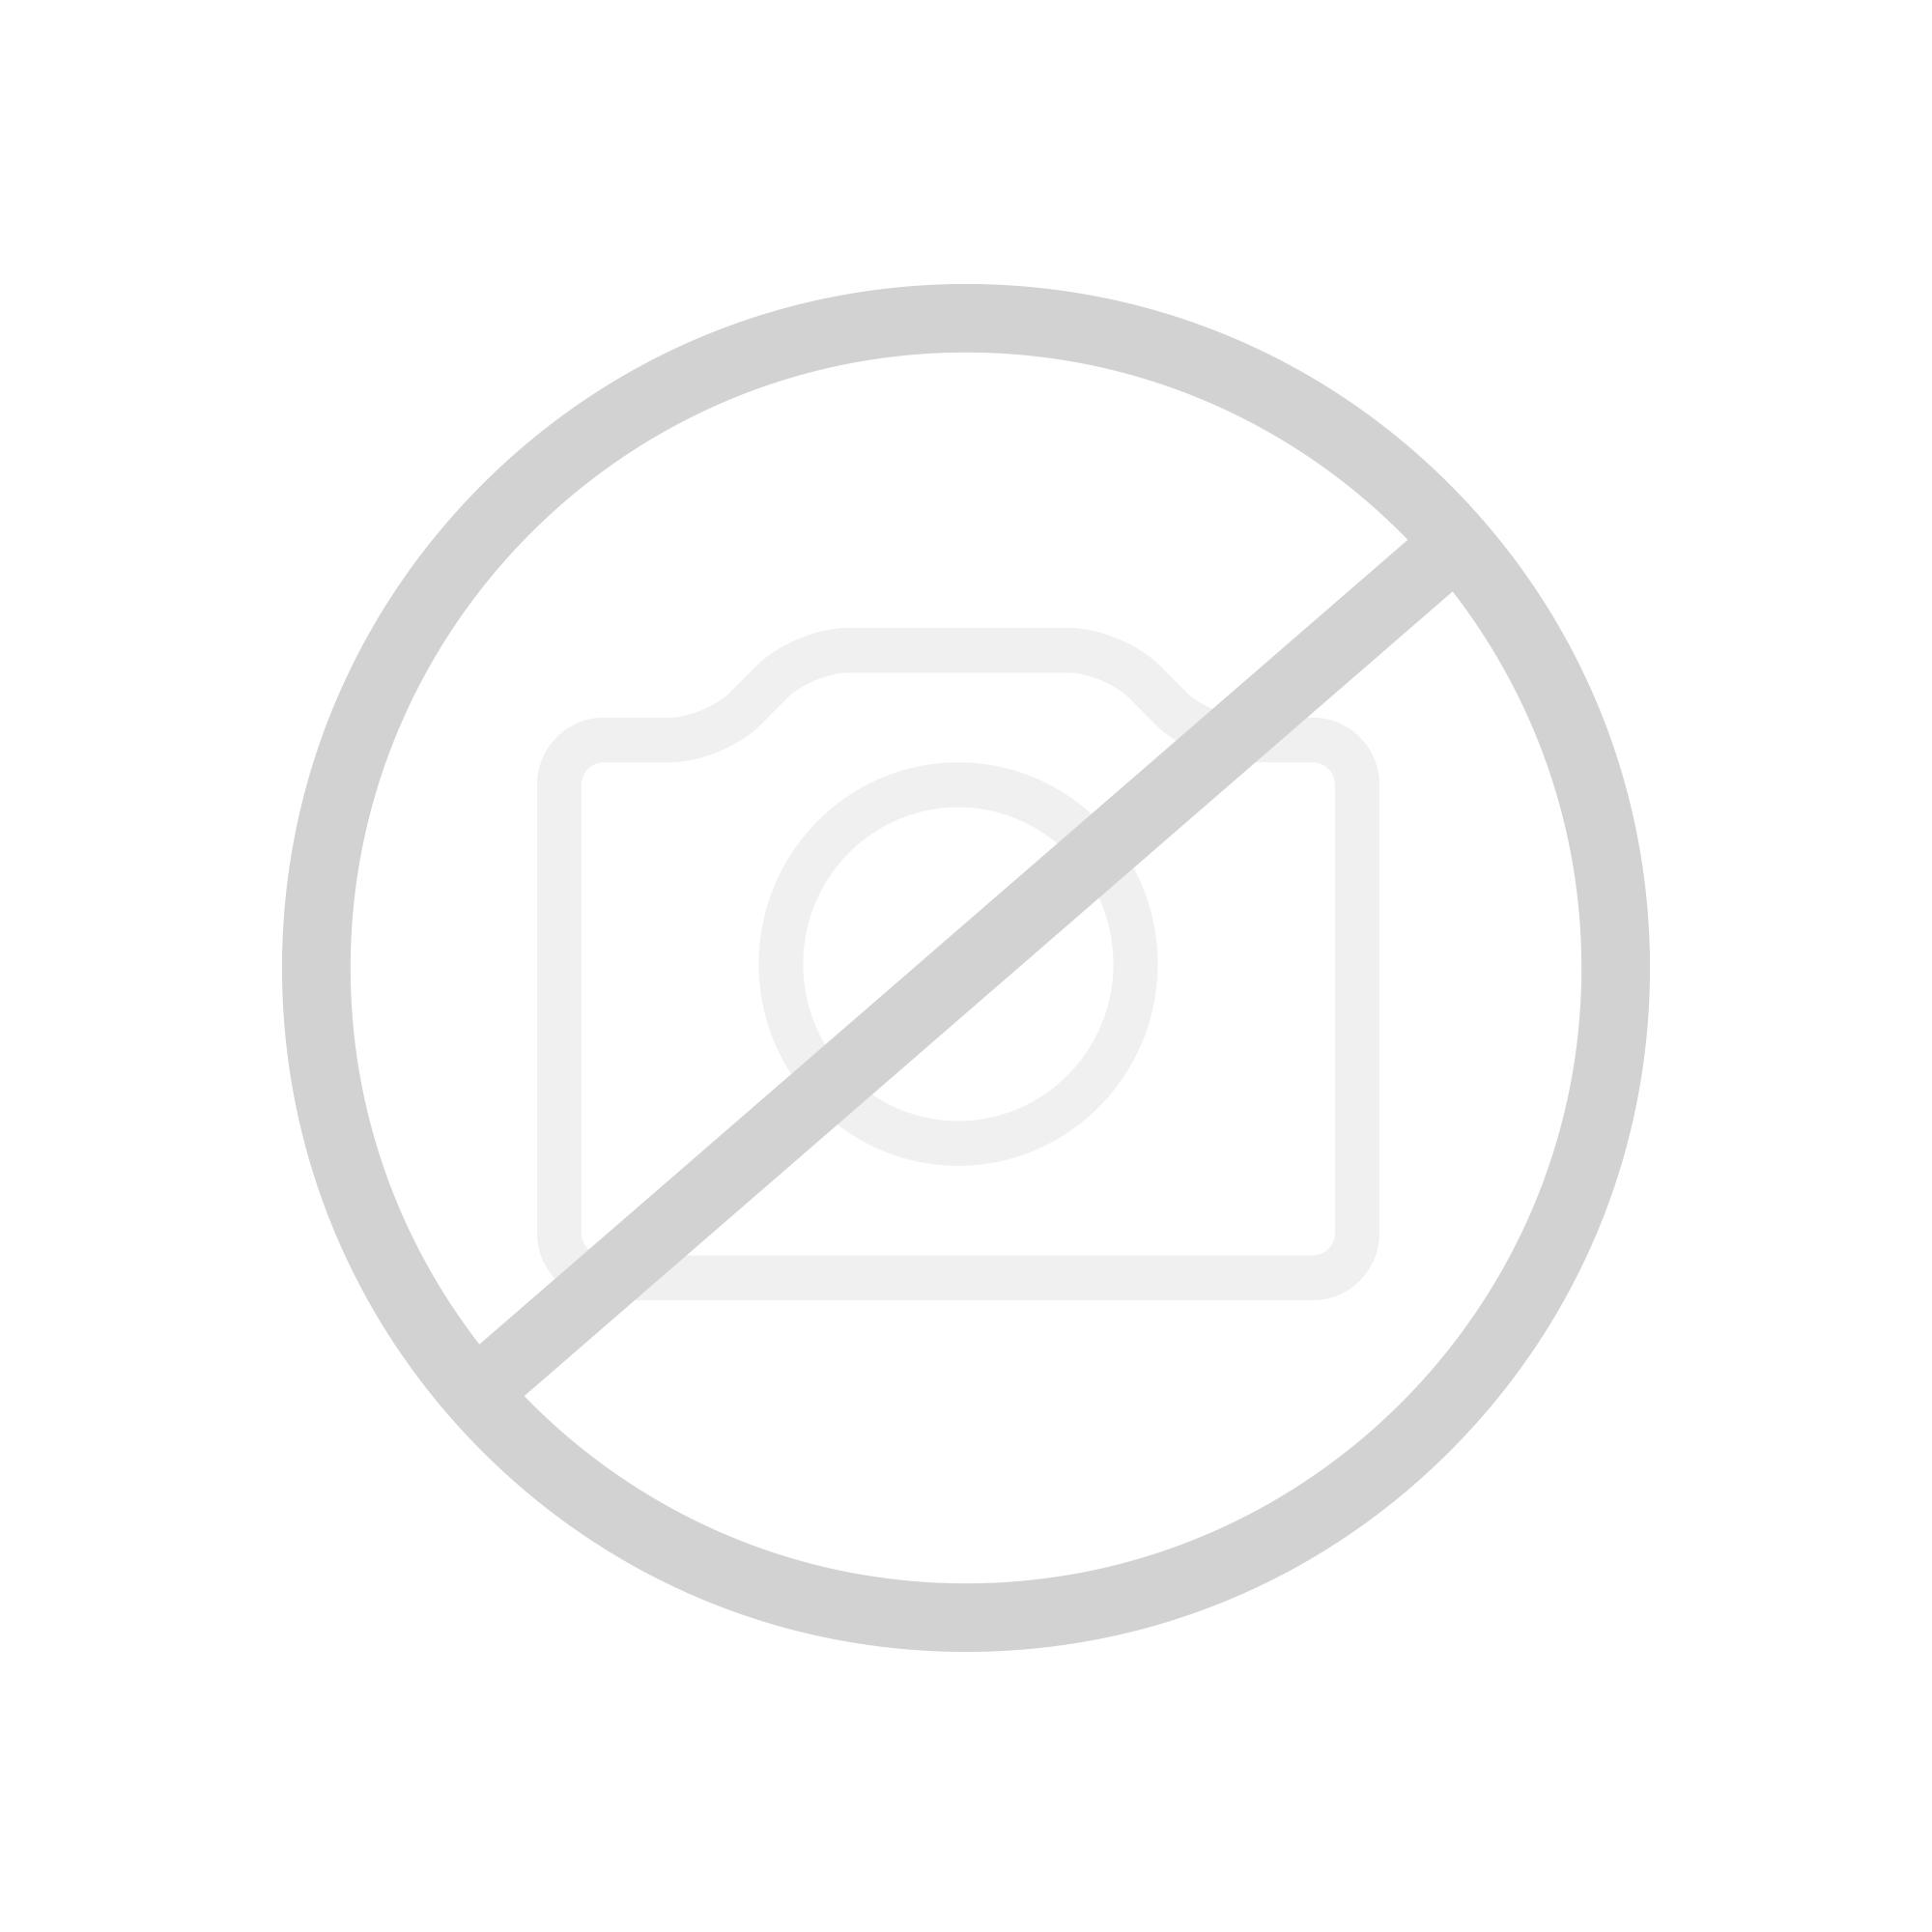 Kaldewei Silenio Aufsatzwaschtisch mit 2 Hahnlöchern, mit Überlauf